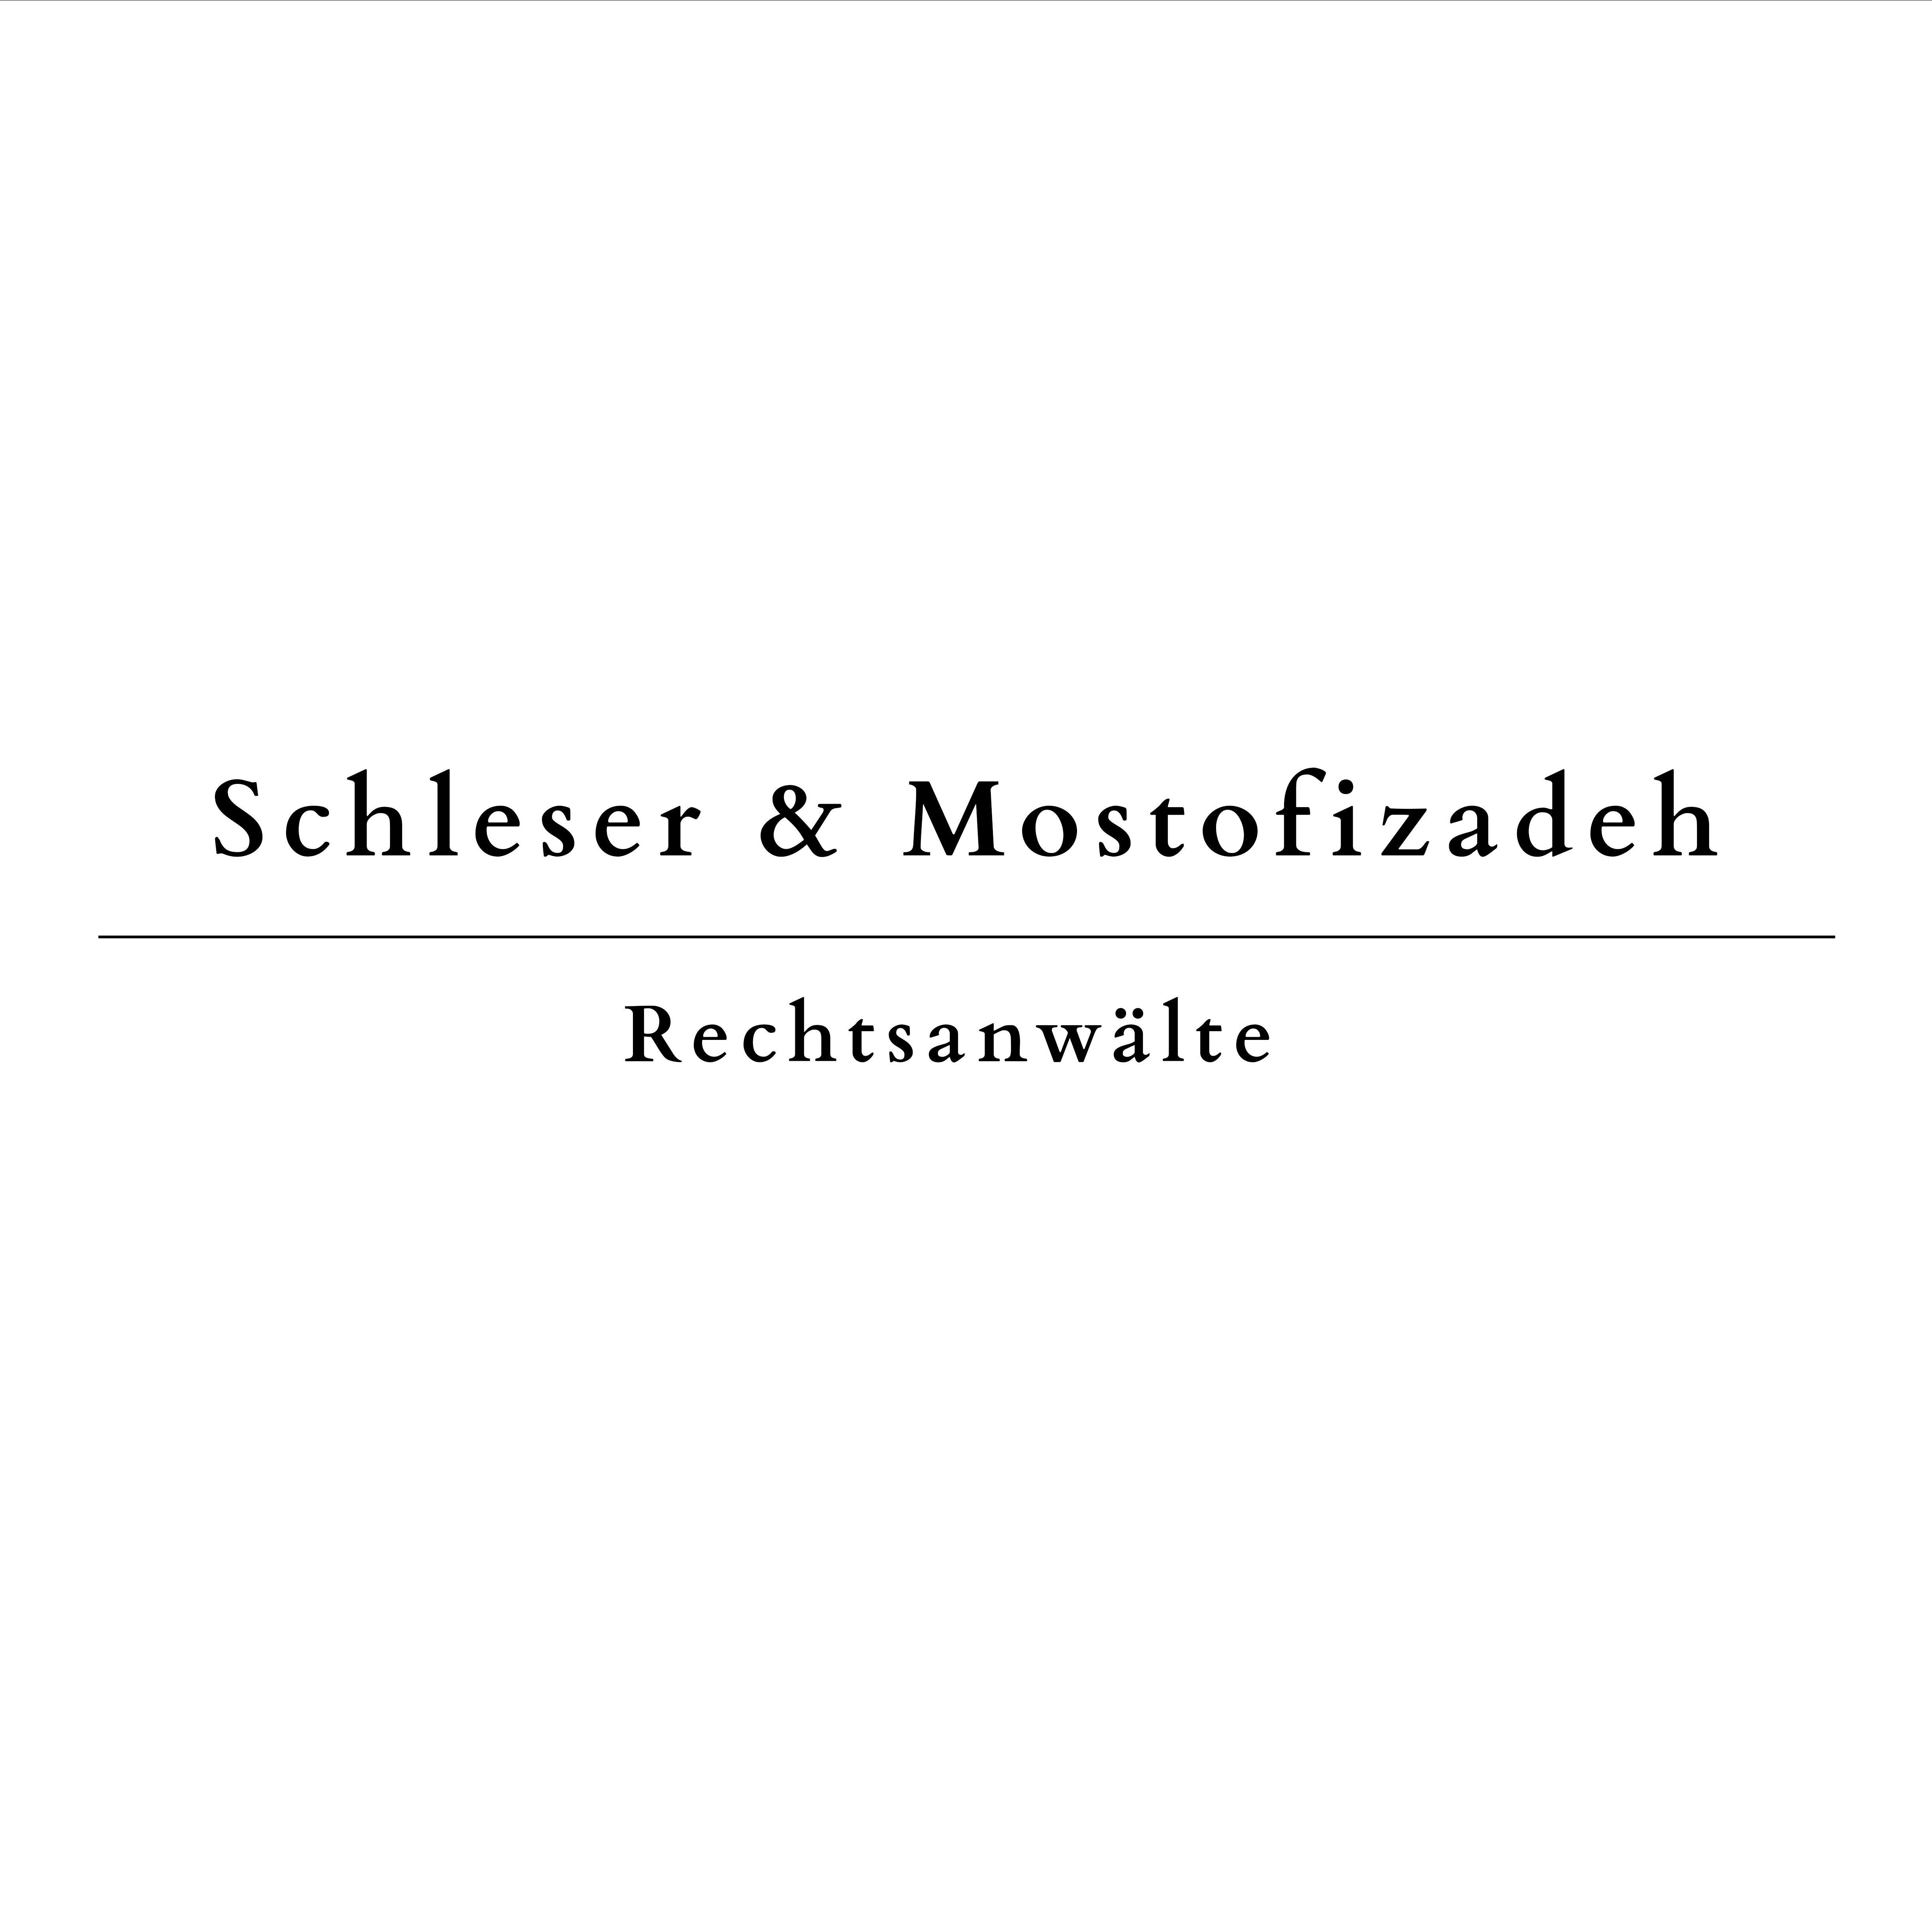 Schleser Mostofizadeh - Rechtsanwälte